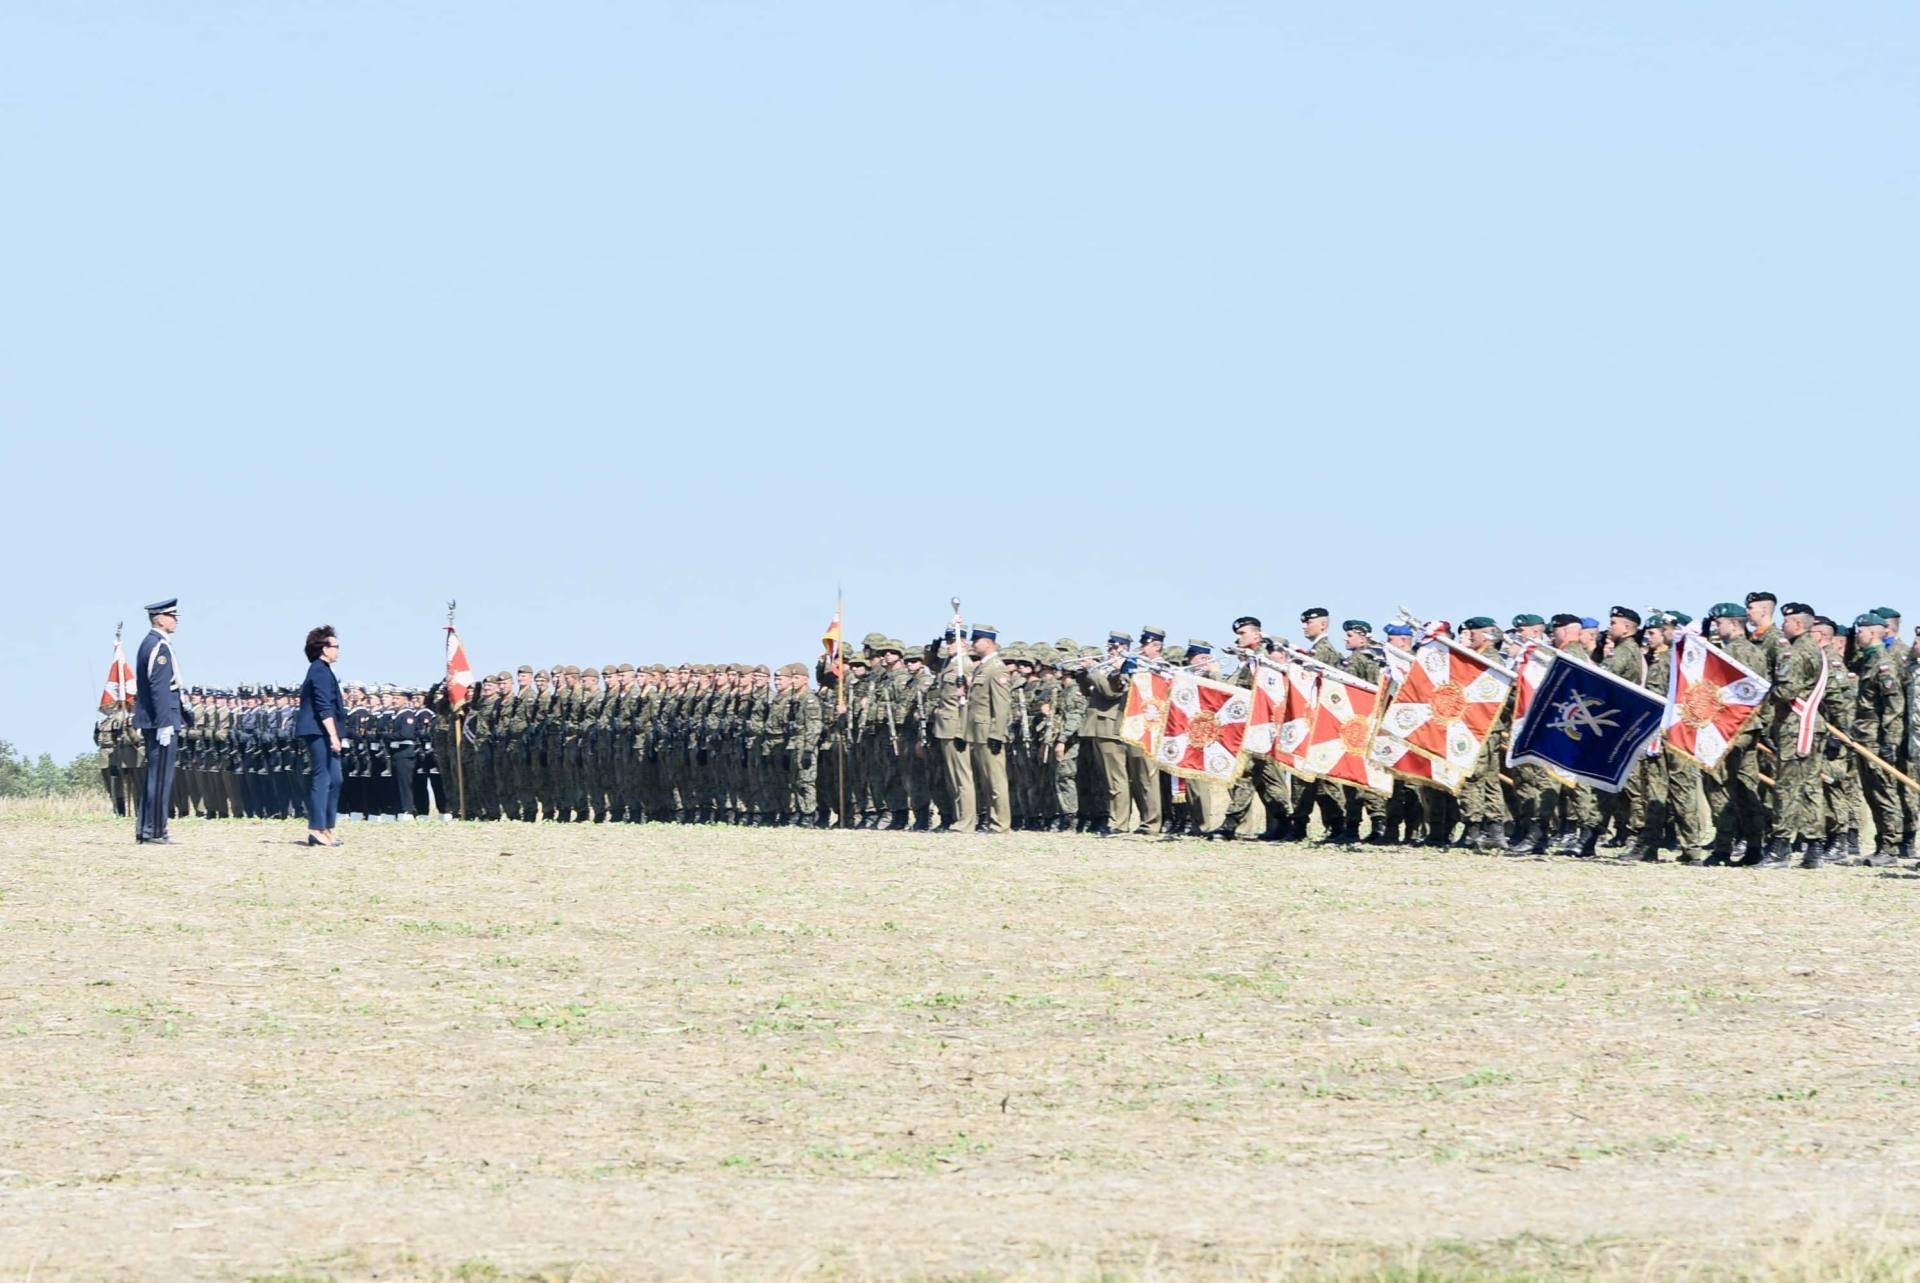 dsc 0494 Czas szabli - 100 rocznica bitwy pod Komarowem(zdjęcia)